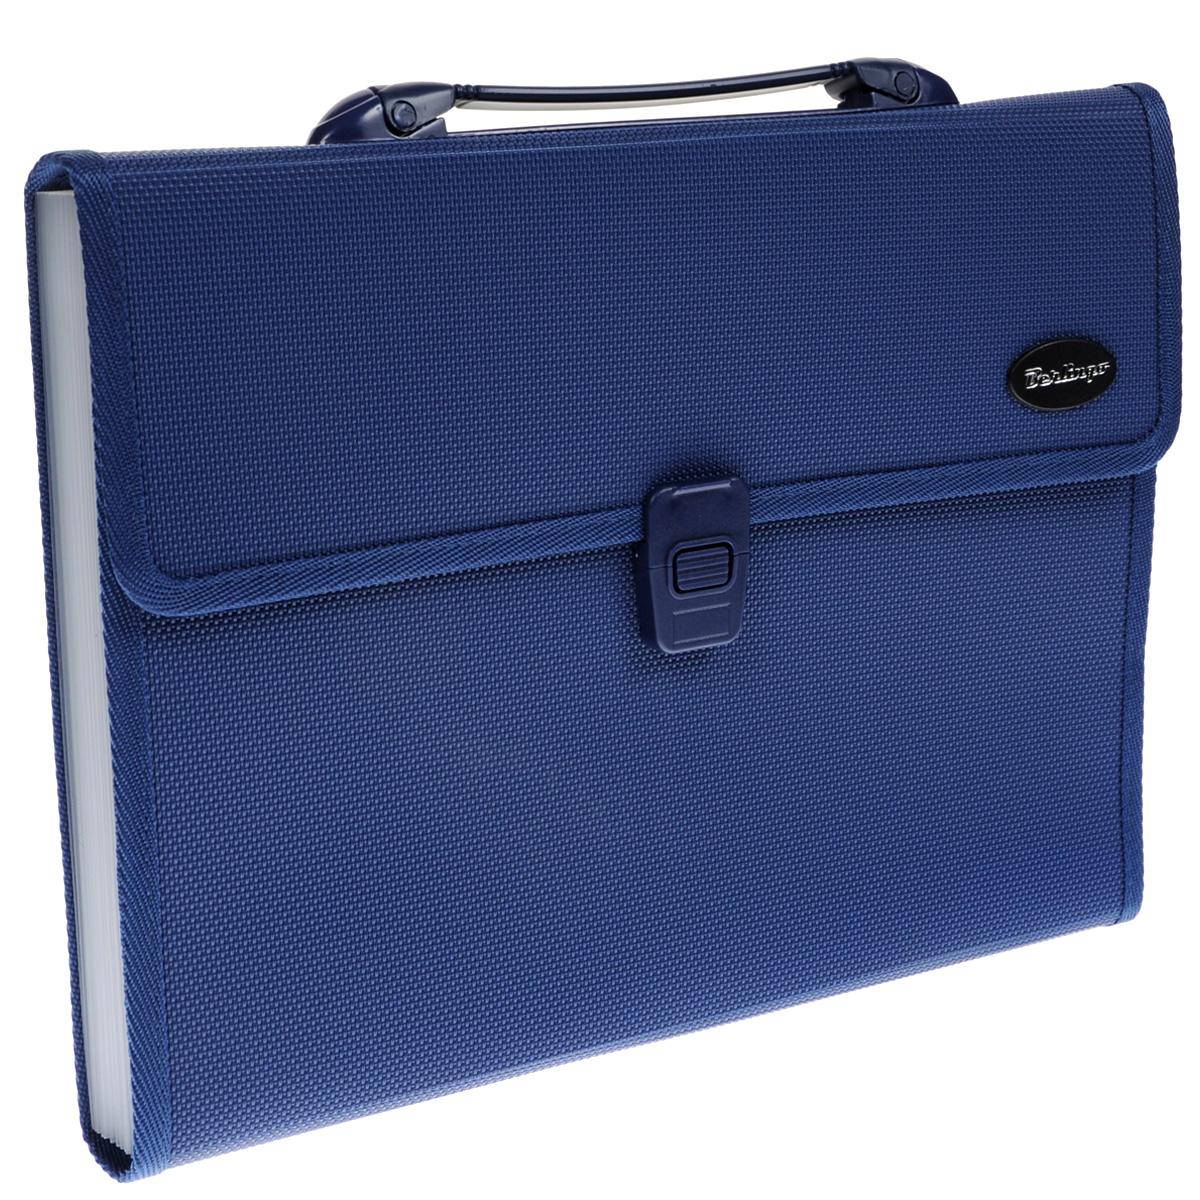 Папка-портфель Berlingo, 13 отделений, цвет: синий. Формат А4AC-1121RDПапка-портфель Berlingo - это удобный и практичный офисный инструмент, предназначенный для хранения и транспортировки большого количества рабочих бумаг и документов формата А4. Папка-портфель изготовлена из плотного пластика с текстурой под ткань, оснащена удобной ручкой для переноски, закрывается на широкий клапан с пластиковым замком. Внутри папка имеет 13 вместительных отделений для бумаг и документов. Папка-портфель - это незаменимый атрибут для студента, школьника, офисного работника. Такая папка надежно сохранит ваши документы и сбережет их от повреждений, пыли и влаги.